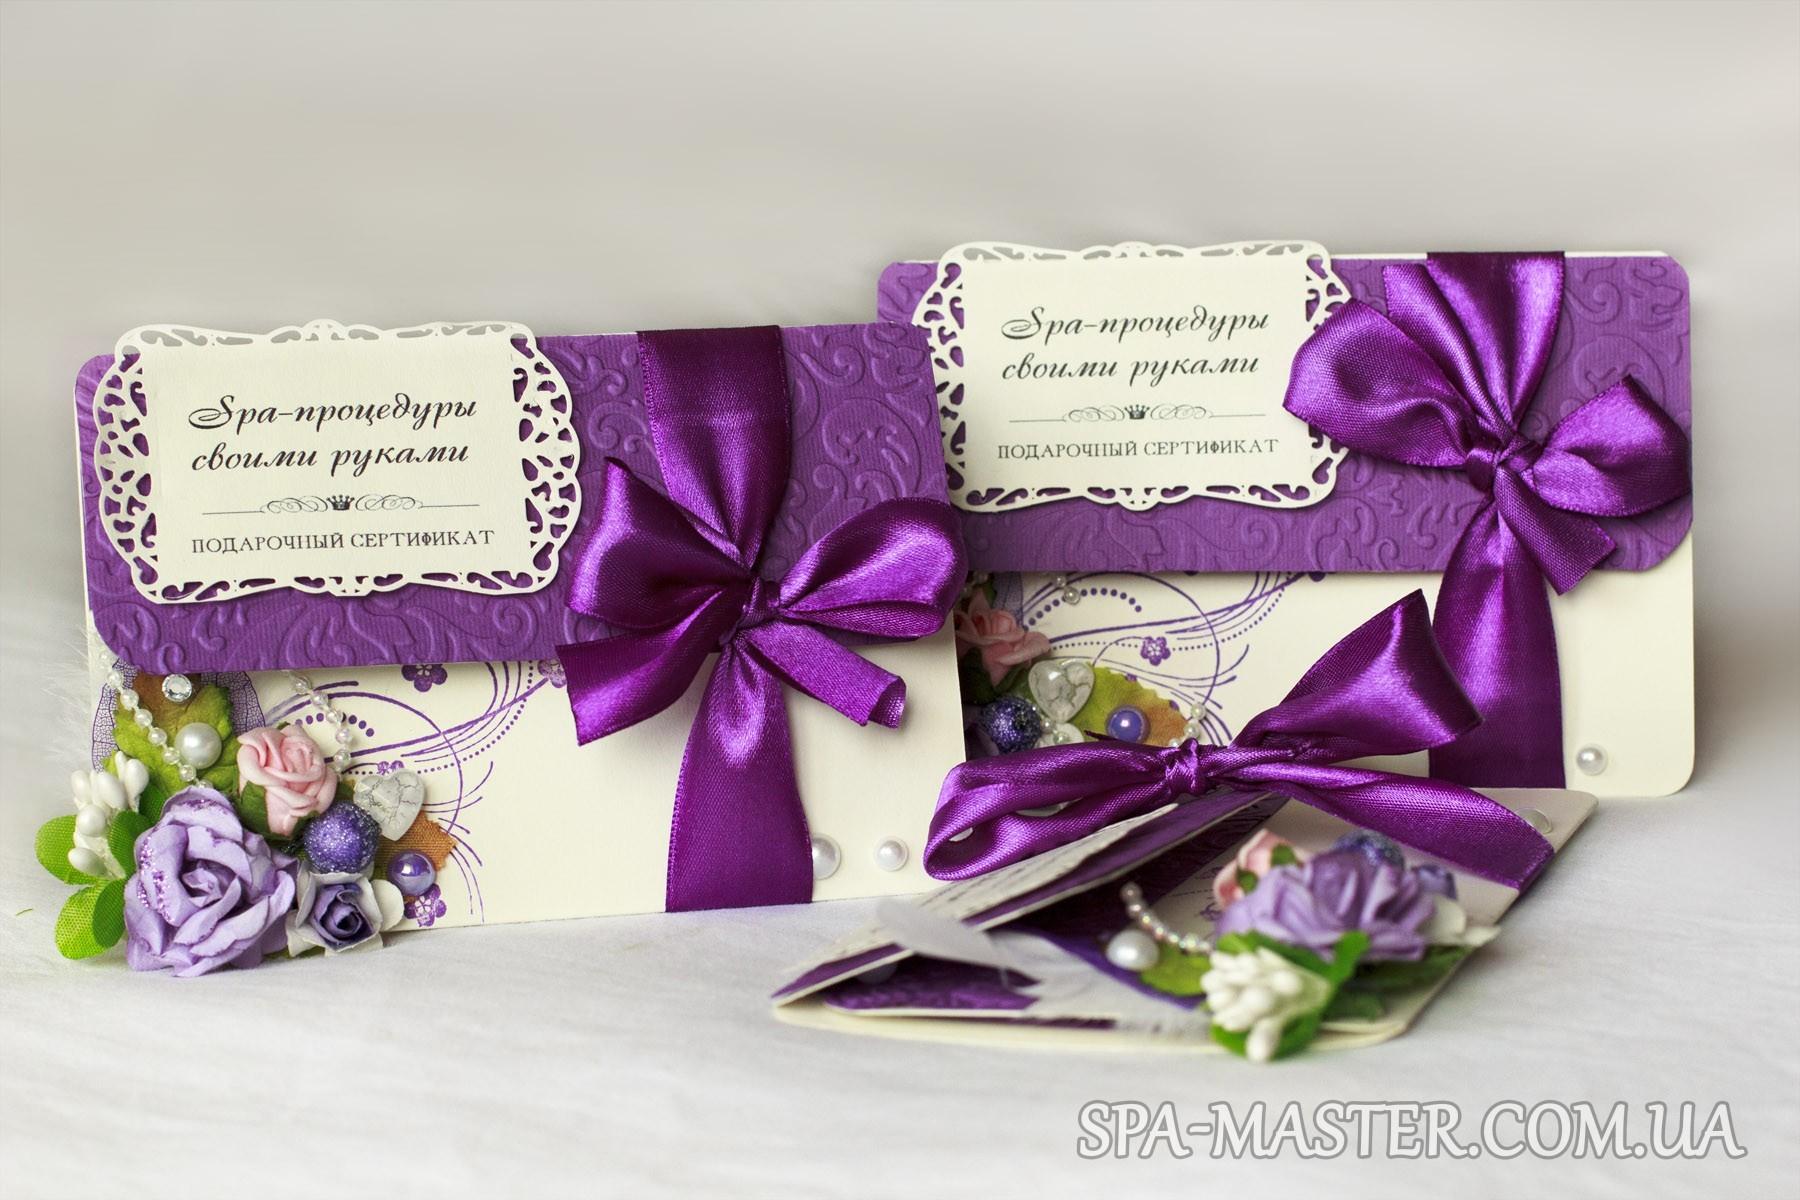 Сертификаты подарочные сделанные своими руками